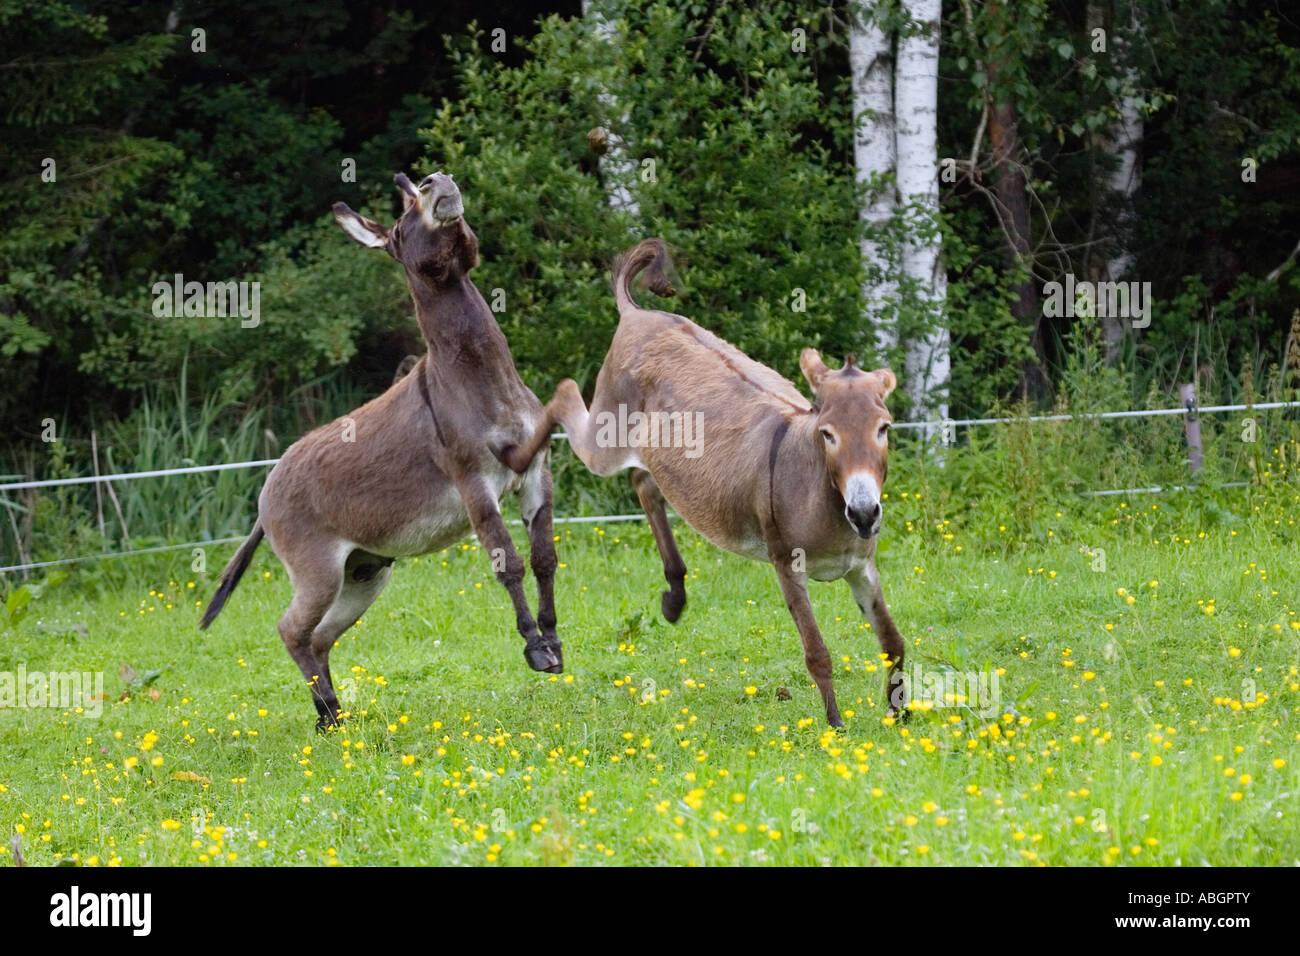 Donkey kicking against male, Equus asinus, Bavaria, Germany Stock Photo